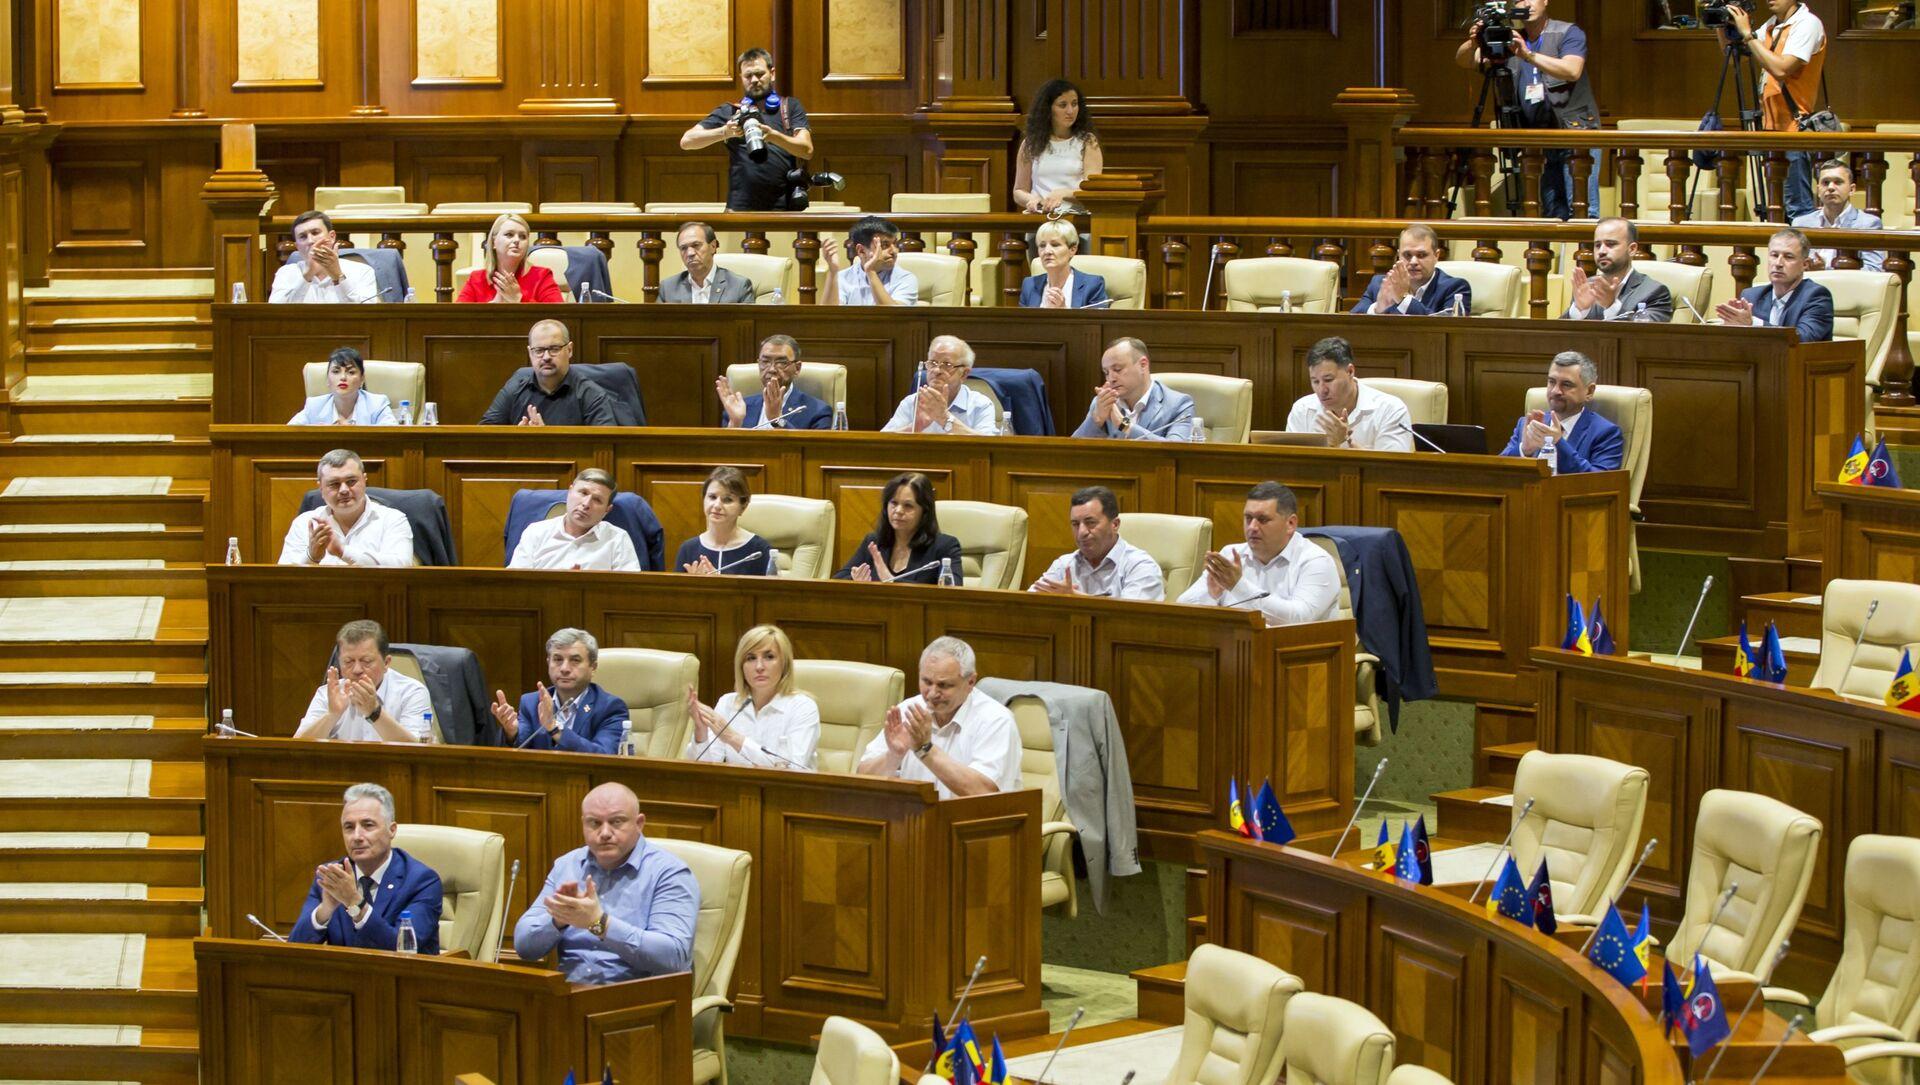 Zasedání moldavského parlamentu. Ilustrační foto - Sputnik Česká republika, 1920, 03.03.2021